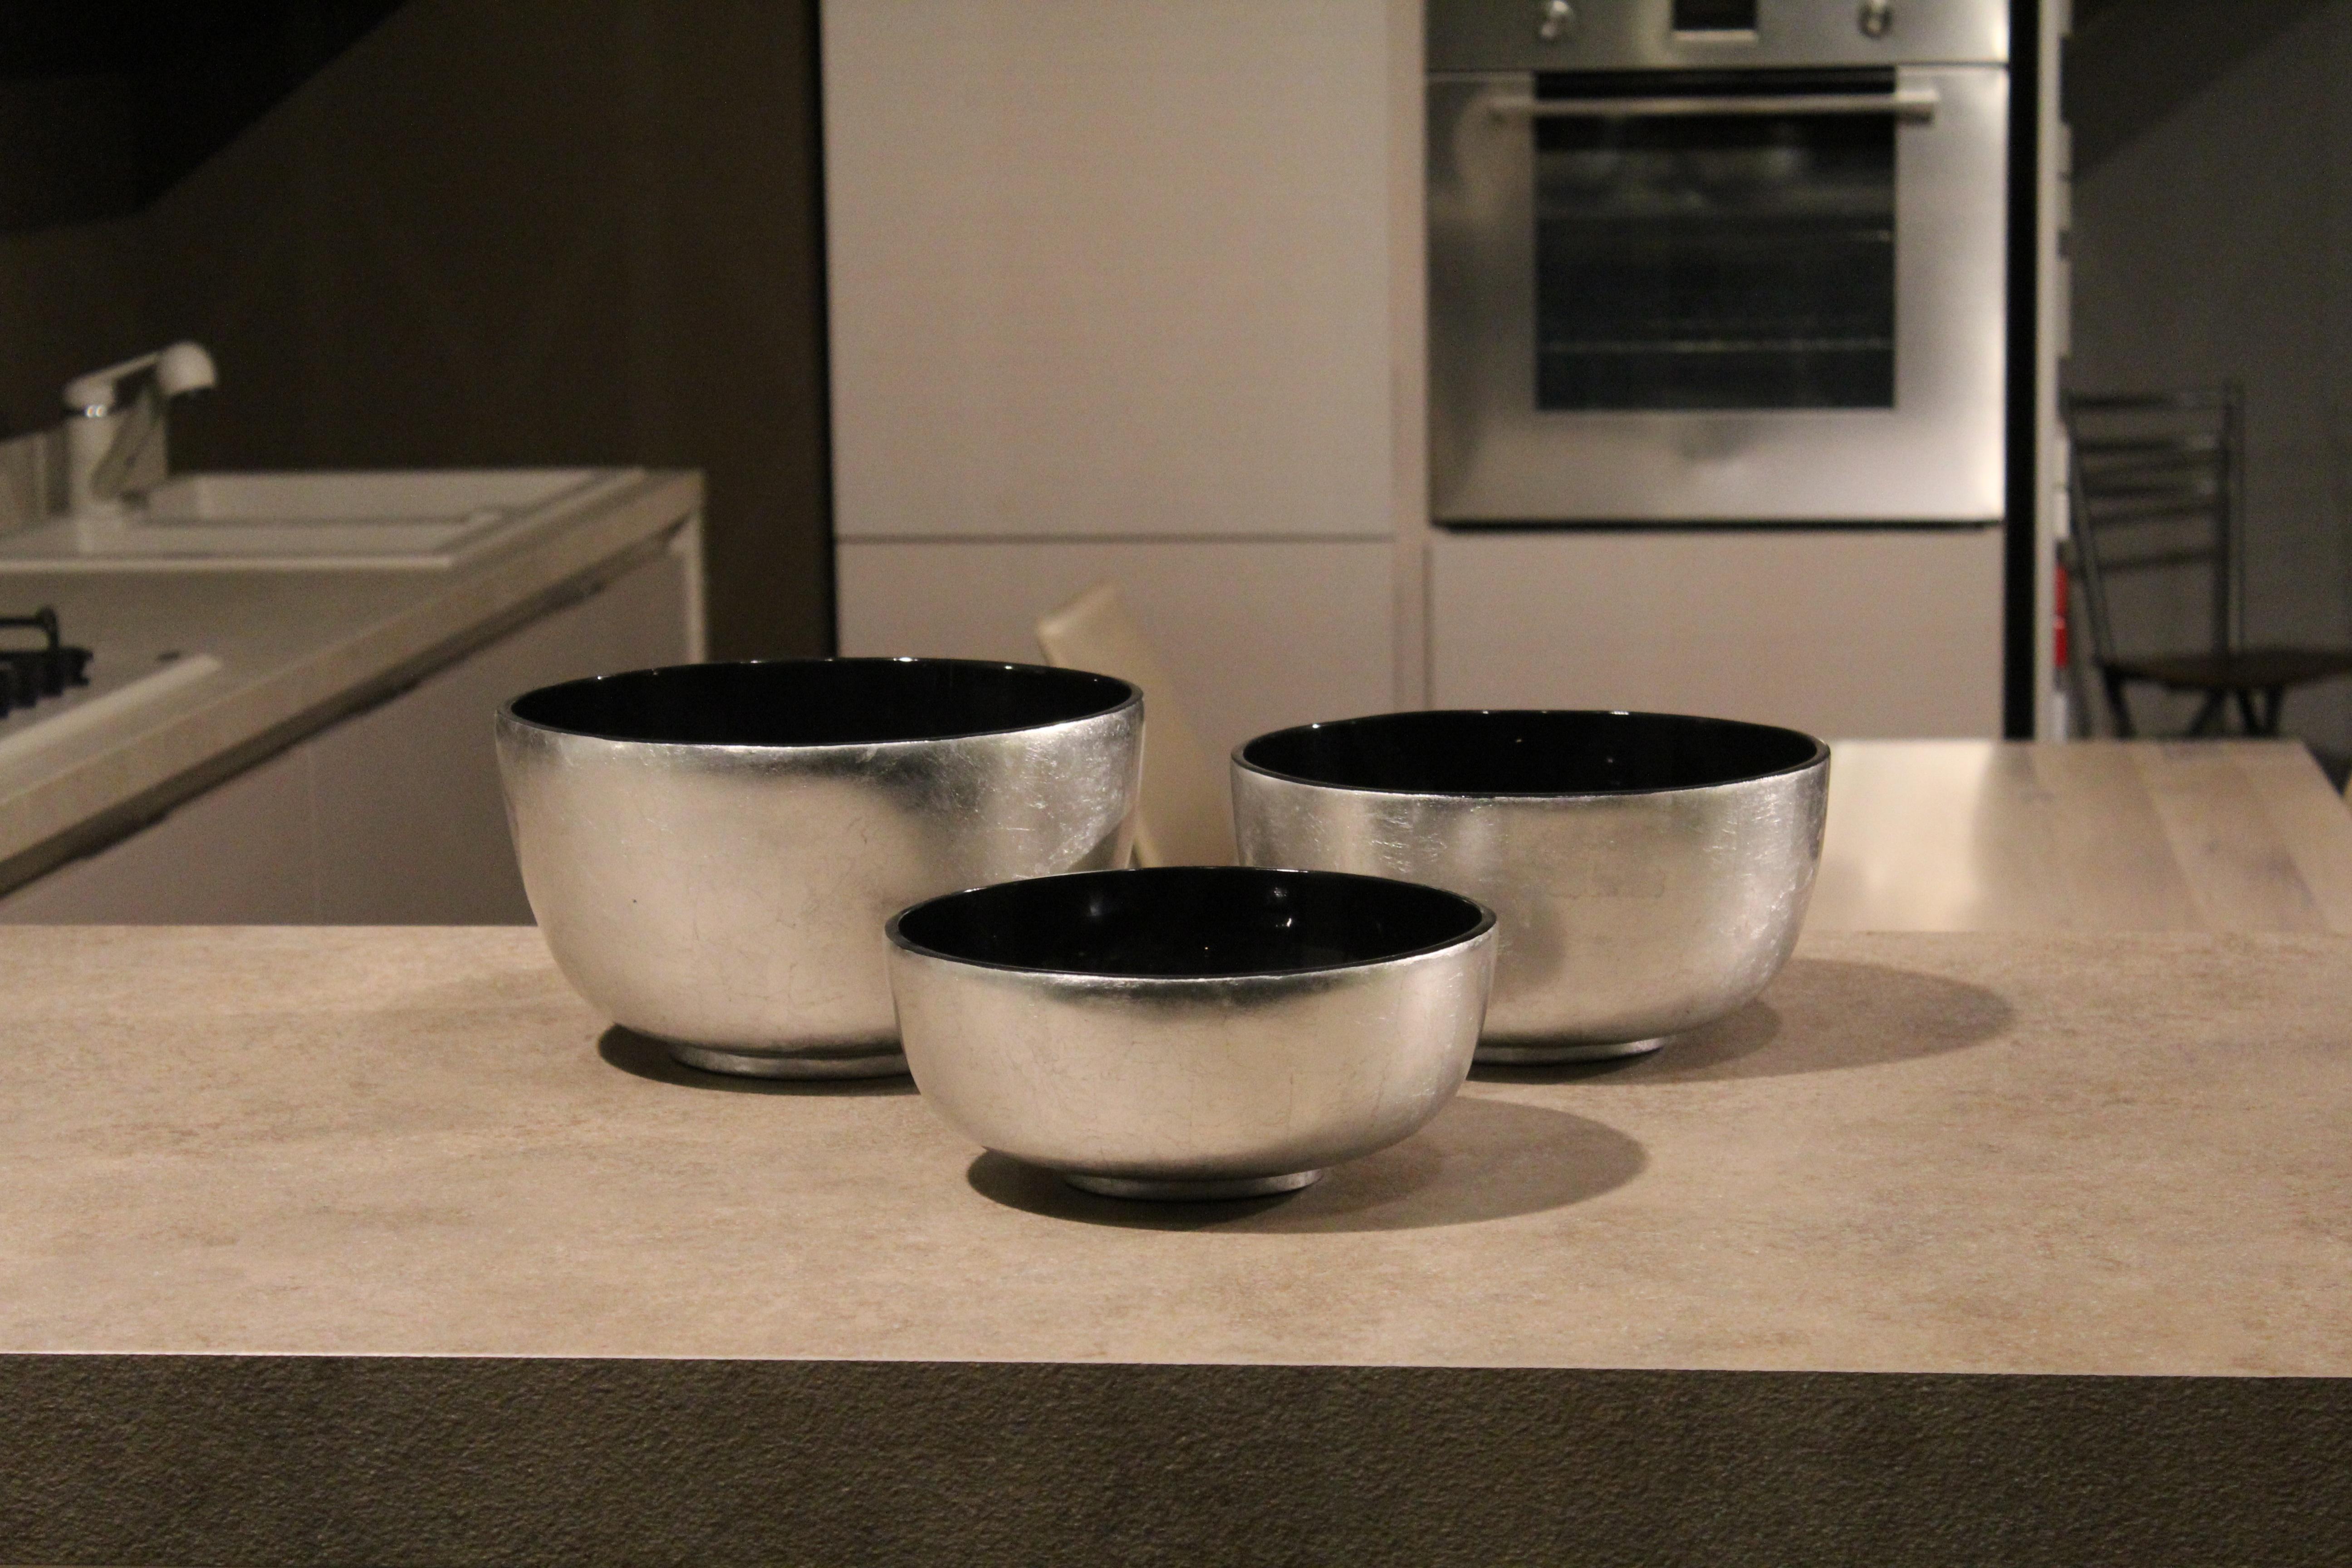 mesa madera piso vaso maceta cocina cermico cocina azulejo lavabo negro habitacin vajilla material encimera cocinar